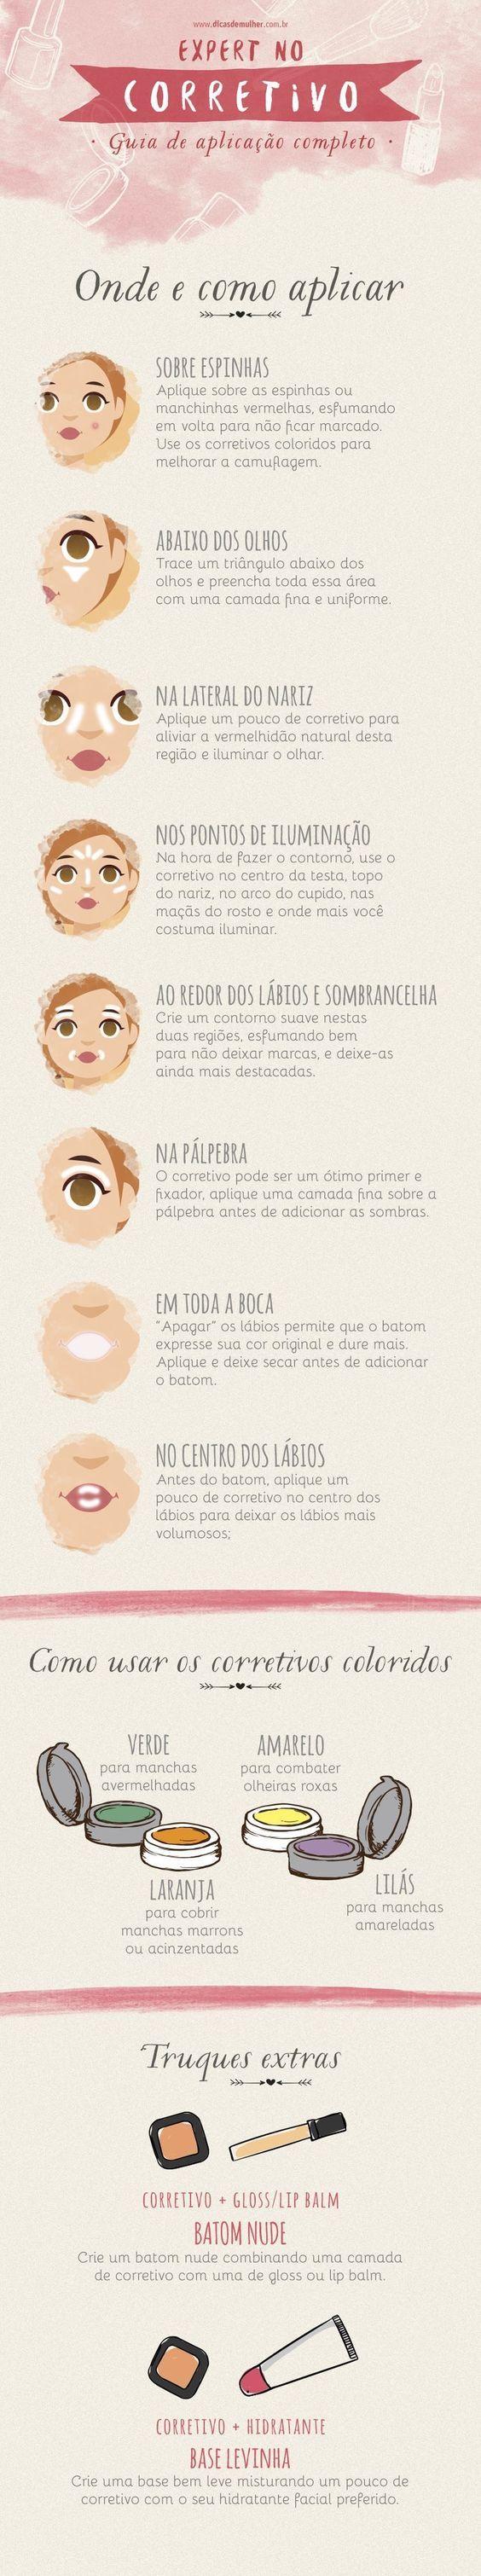 Como usar corretamente cada corretivo!! Visite nossa loja!  #Hinode #DAZZLE #Bellaoggi #Makeup #Corretivos | Maquiagens lindas | Pinterest | Makeup, Mary kay a…